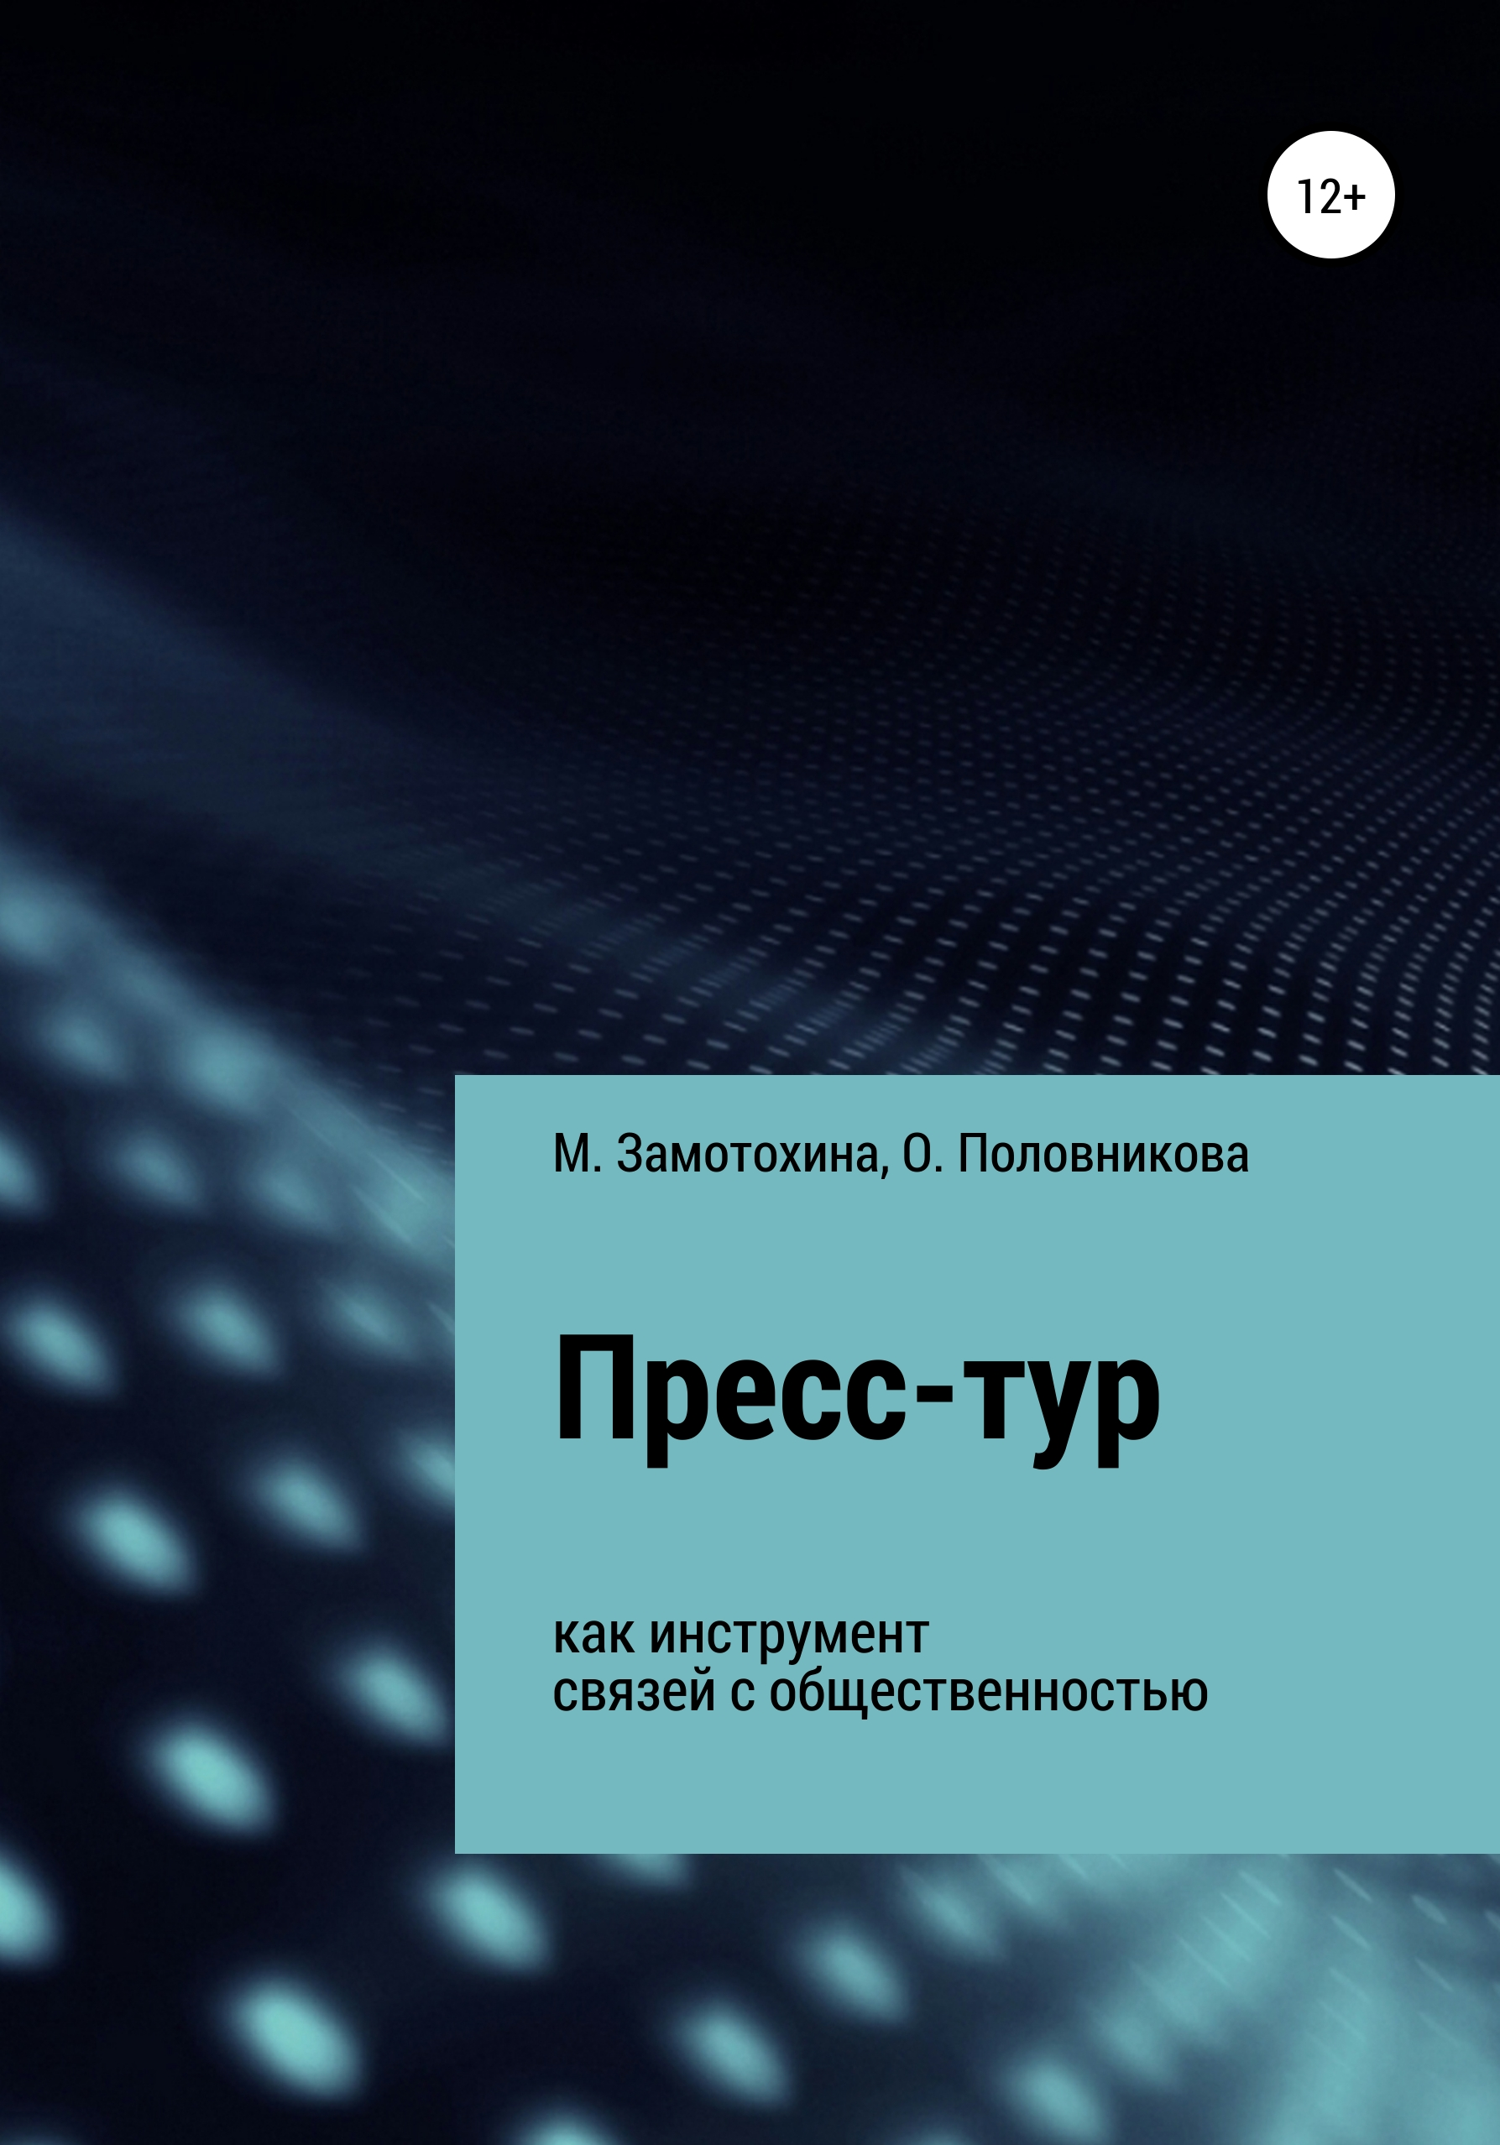 Обложка книги. Автор - Ольга Половникова